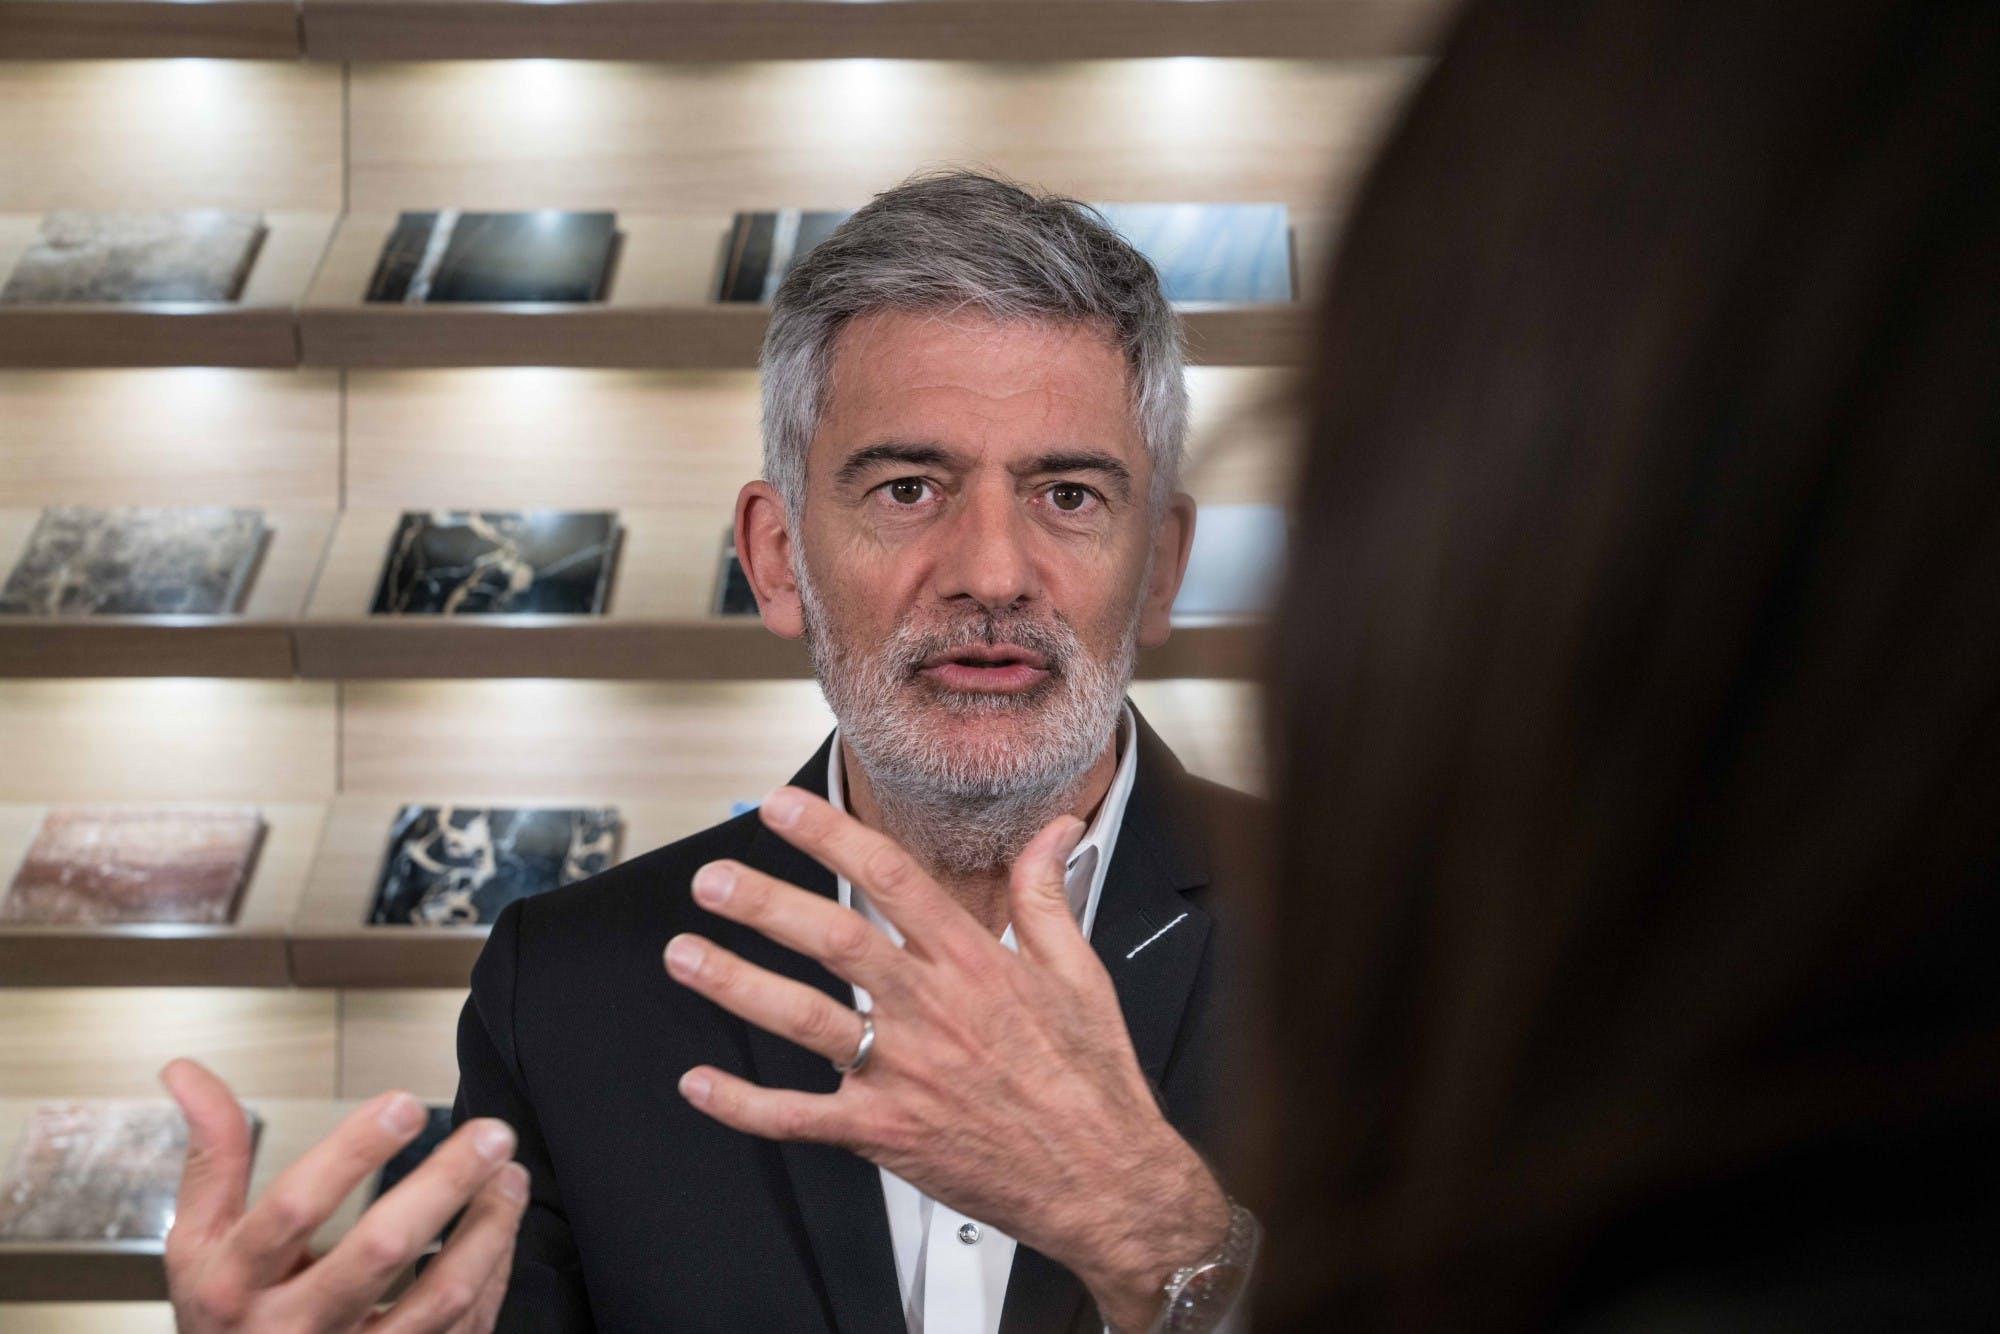 Image of Alfredo Häberli en Cosentino City Madrid 5 baja 1 in Alfredo Häberli chooses Dekton® for his kitchen for the future - Cosentino